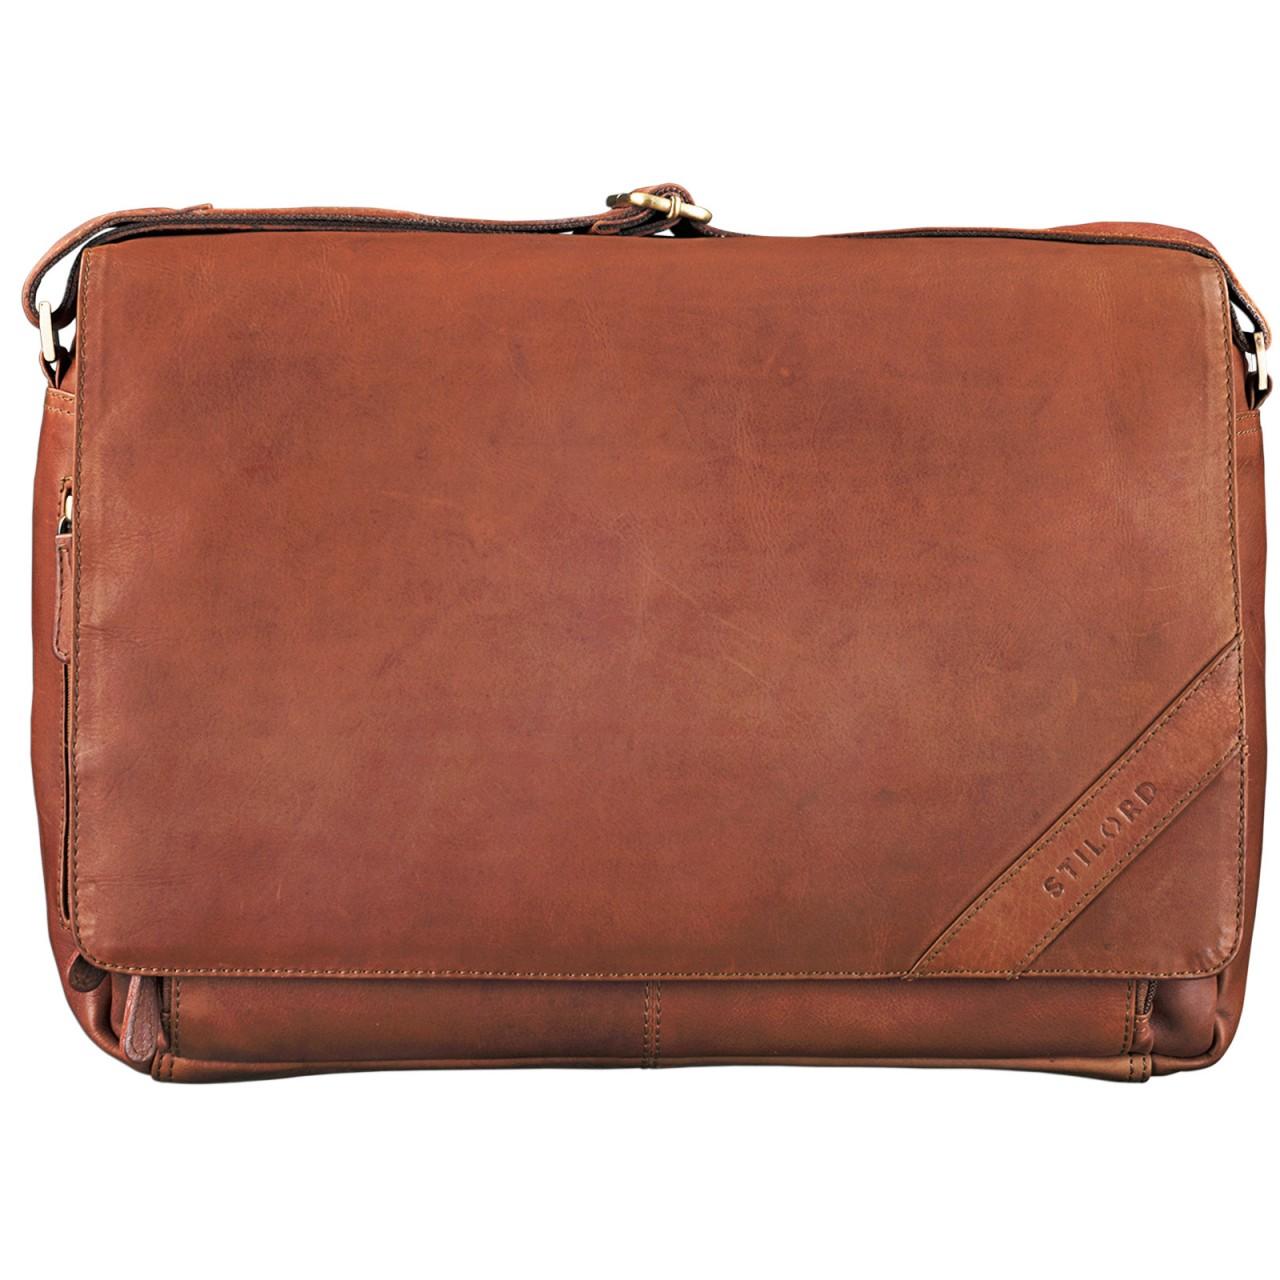 """STILORD """"Nick"""" Umhängetasche Leder Herren Damen Unitasche 15.6 Zoll Laptoptasche Aktentasche Bürotasche Vintage Büffel-Leder - Bild 9"""